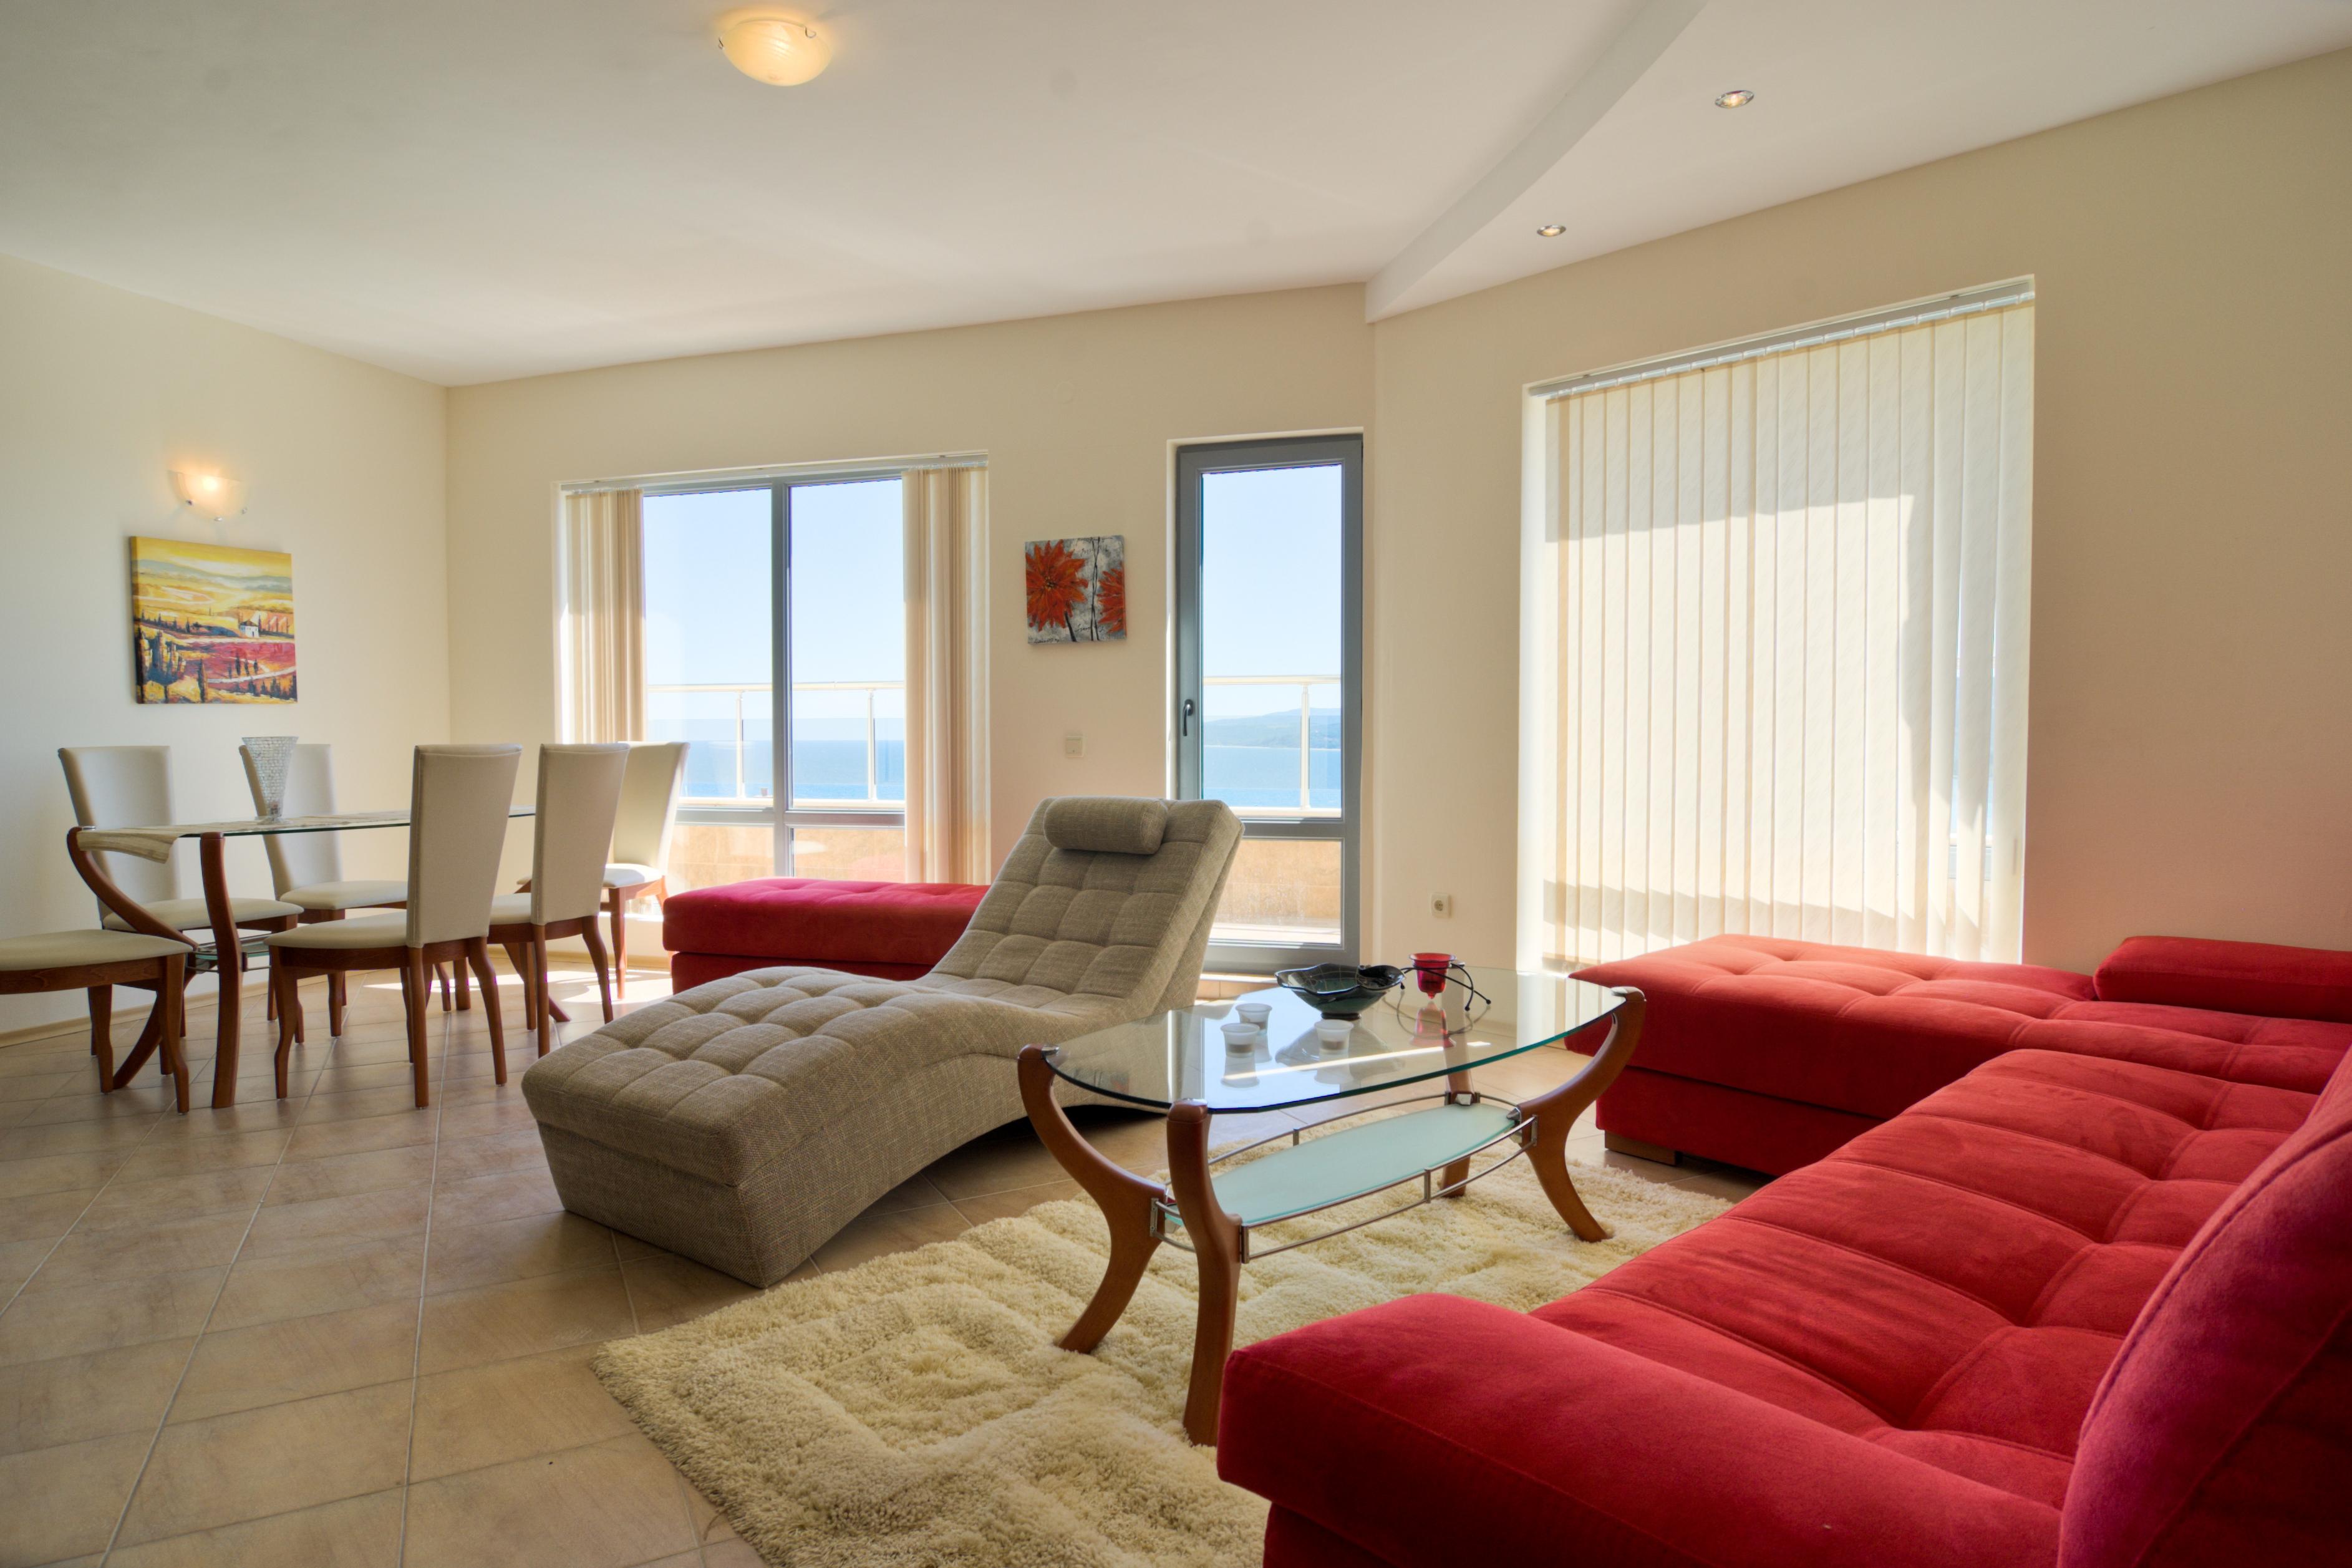 Comment louer sa maison pour les vacances amazing photo for Louer son logement pendant les vacances